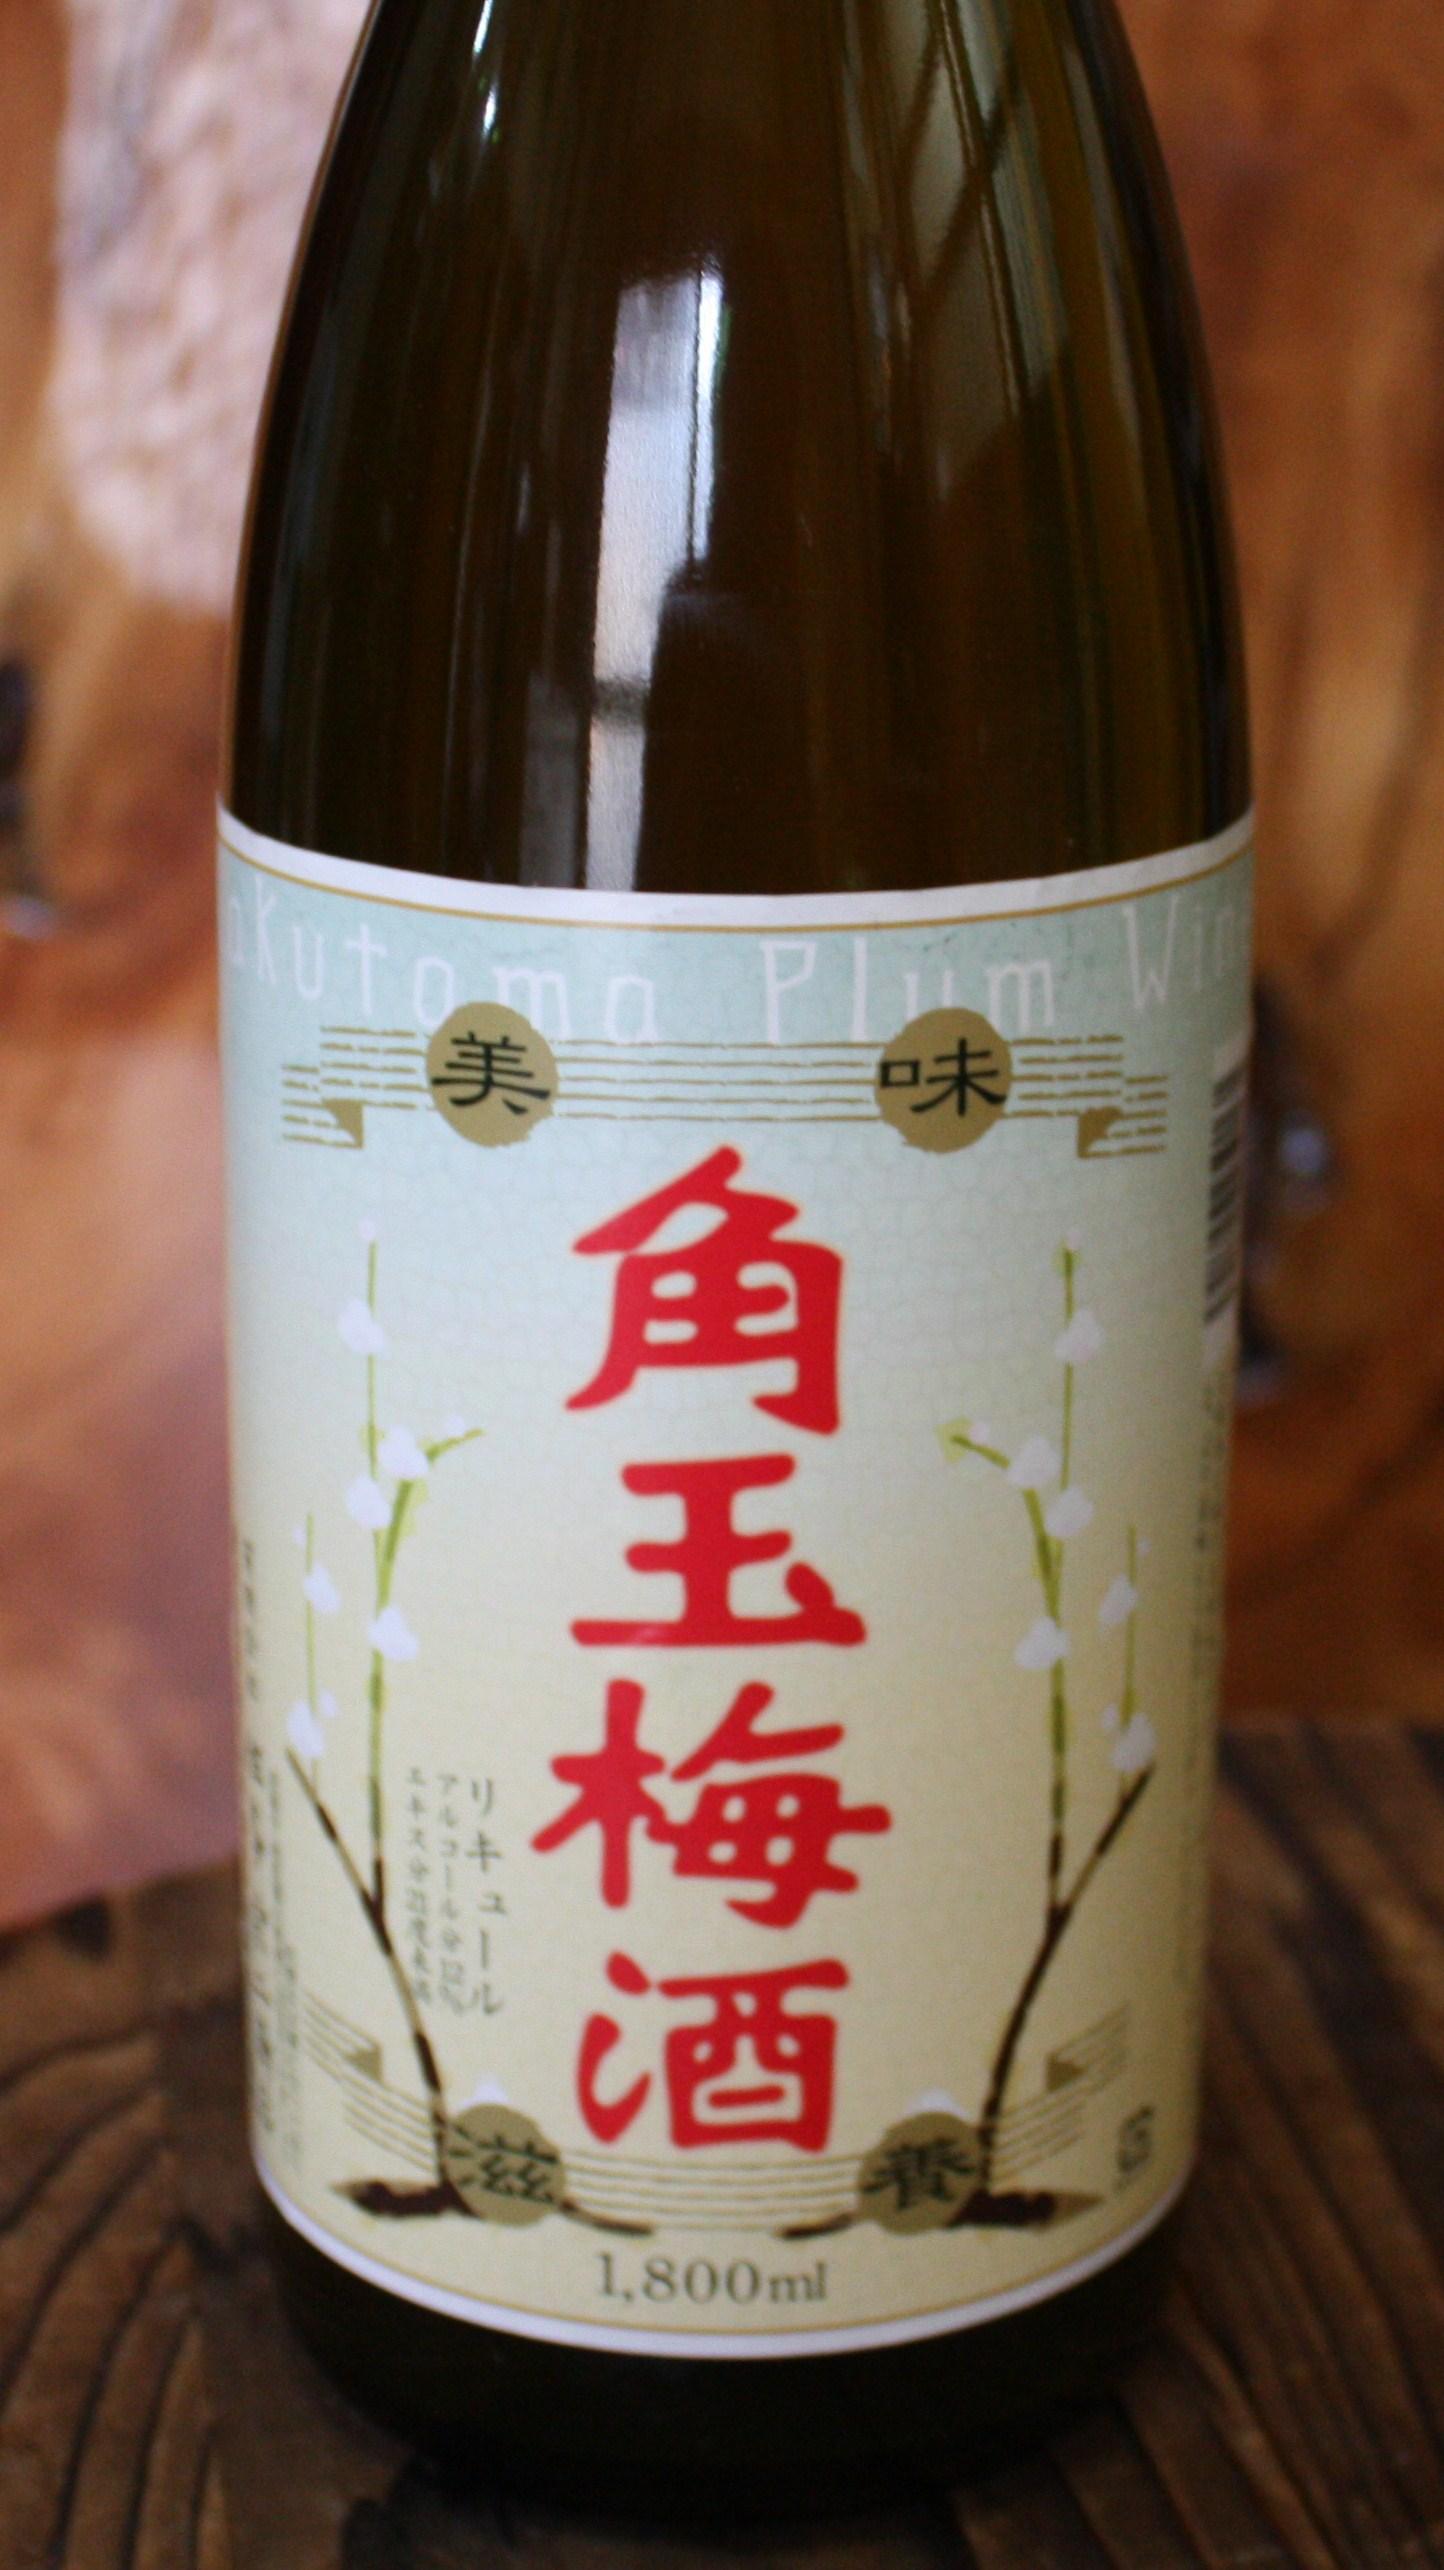 【鹿児島/佐多宗二商店】 角玉梅酒 (1800ml)